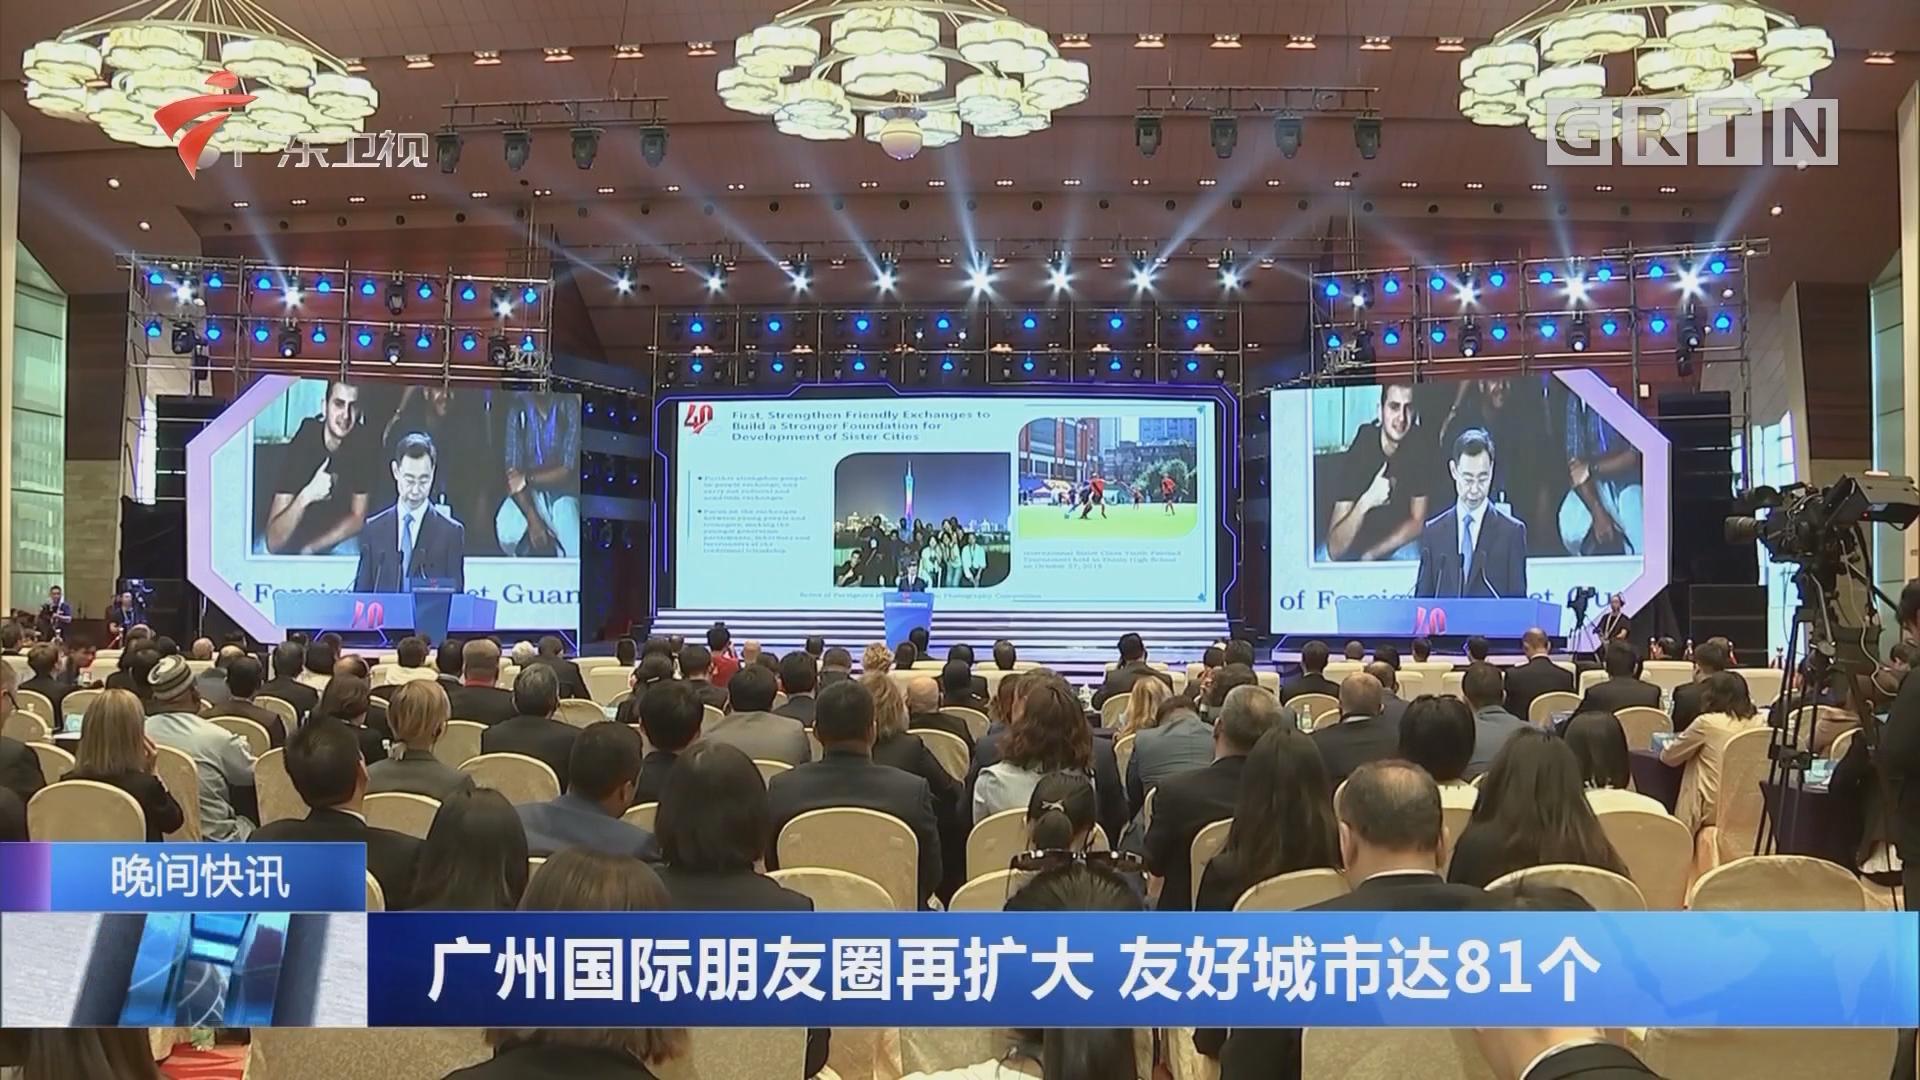 广州国际朋友圈再扩大 友好城市达81个